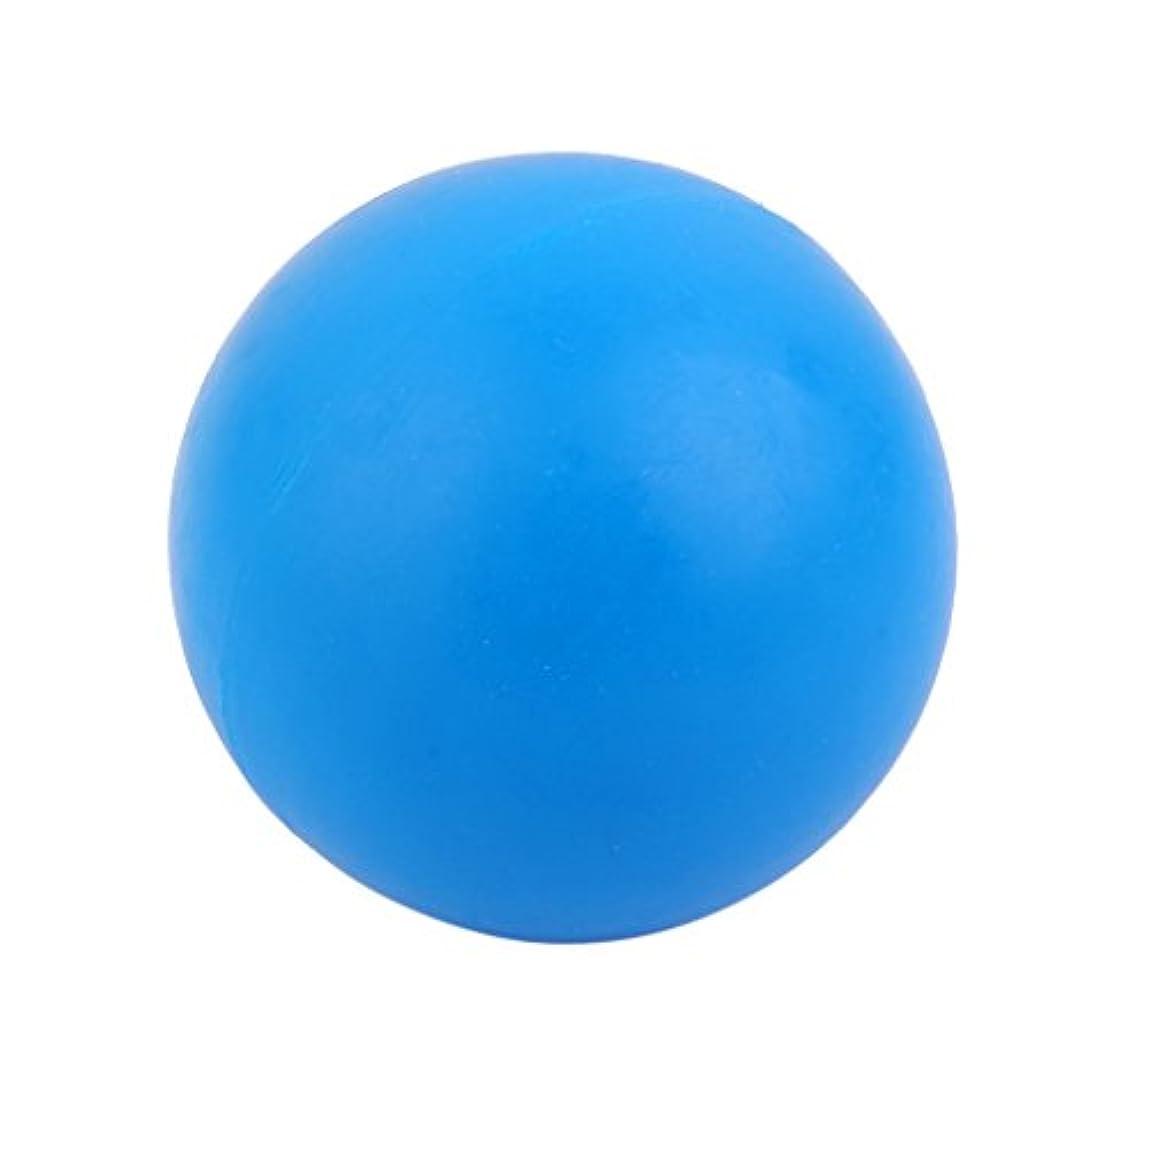 お金ゴムピッチ絶滅させるマッサージボール 反応ボール トレーニングボール